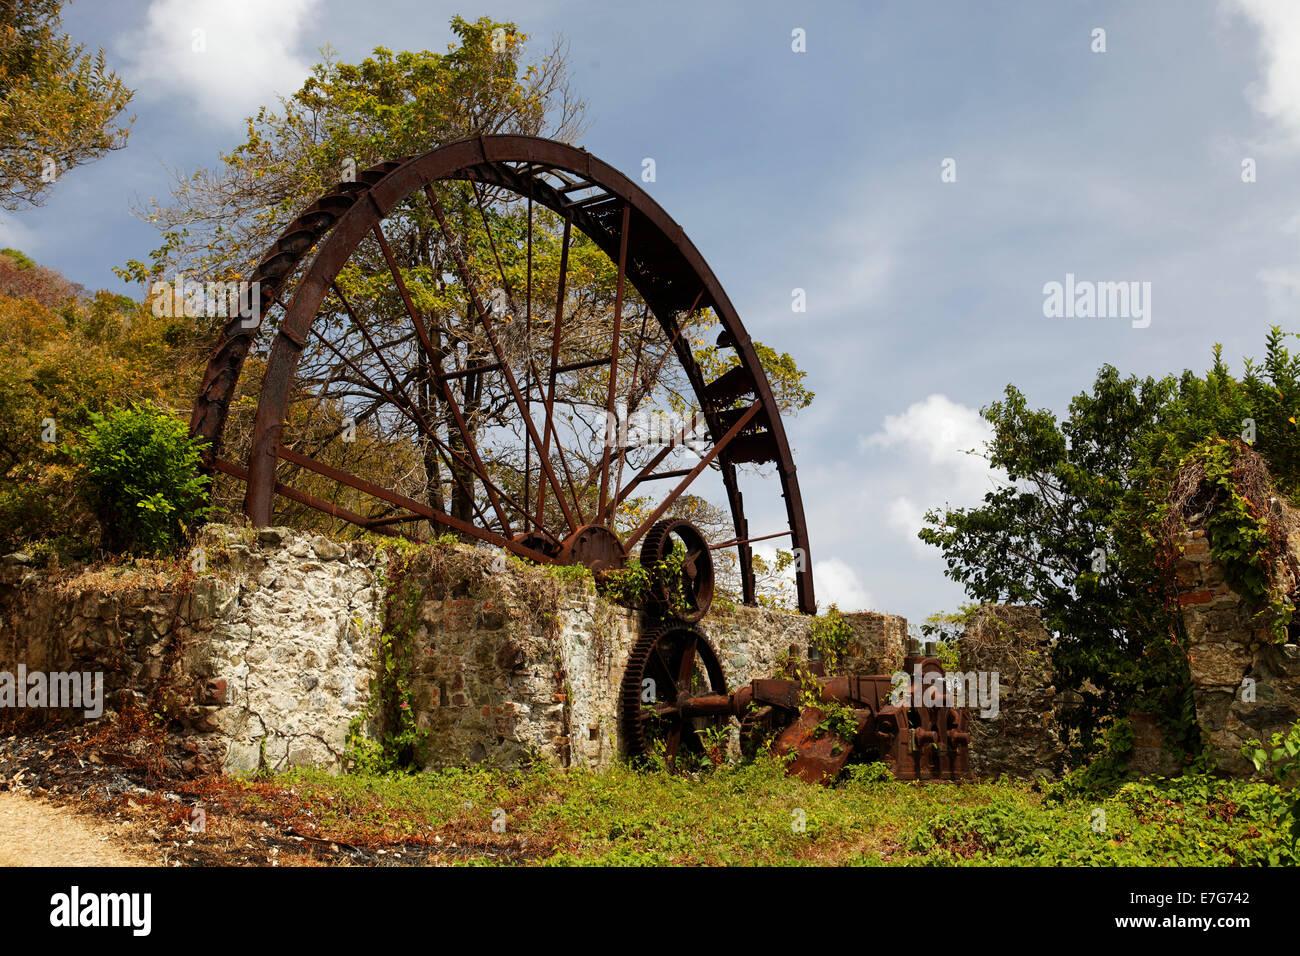 Alte Zuckerfabrik, Mühlrad, verrostet, Trinidad und Tobago Stockbild